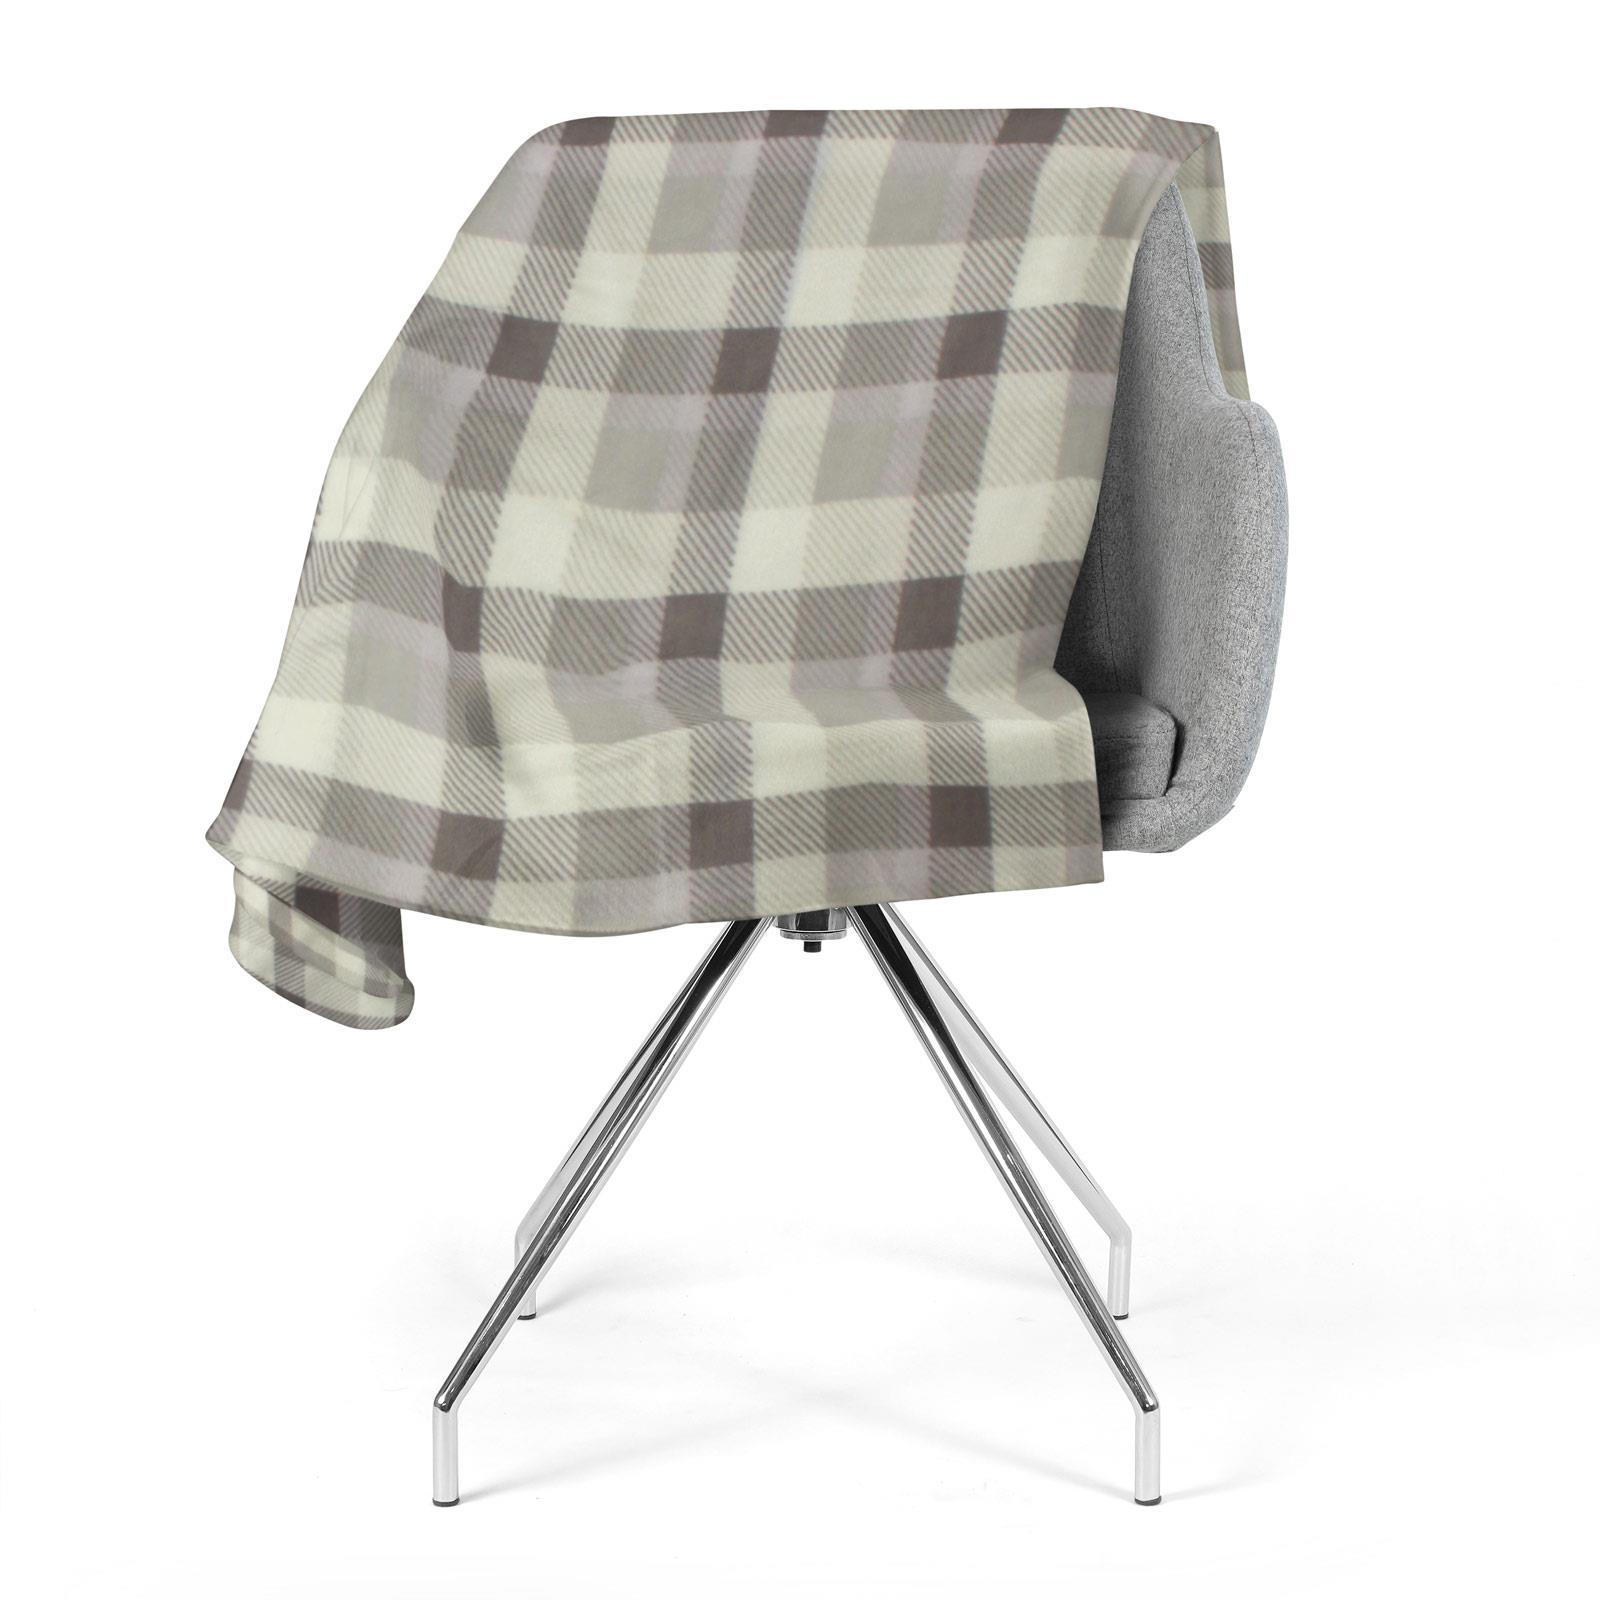 Sofa-de-verificacion-de-tartan-polar-mantas-polar-silla-acogedor-lanza-Manta-127cm-X-152cm miniatura 24